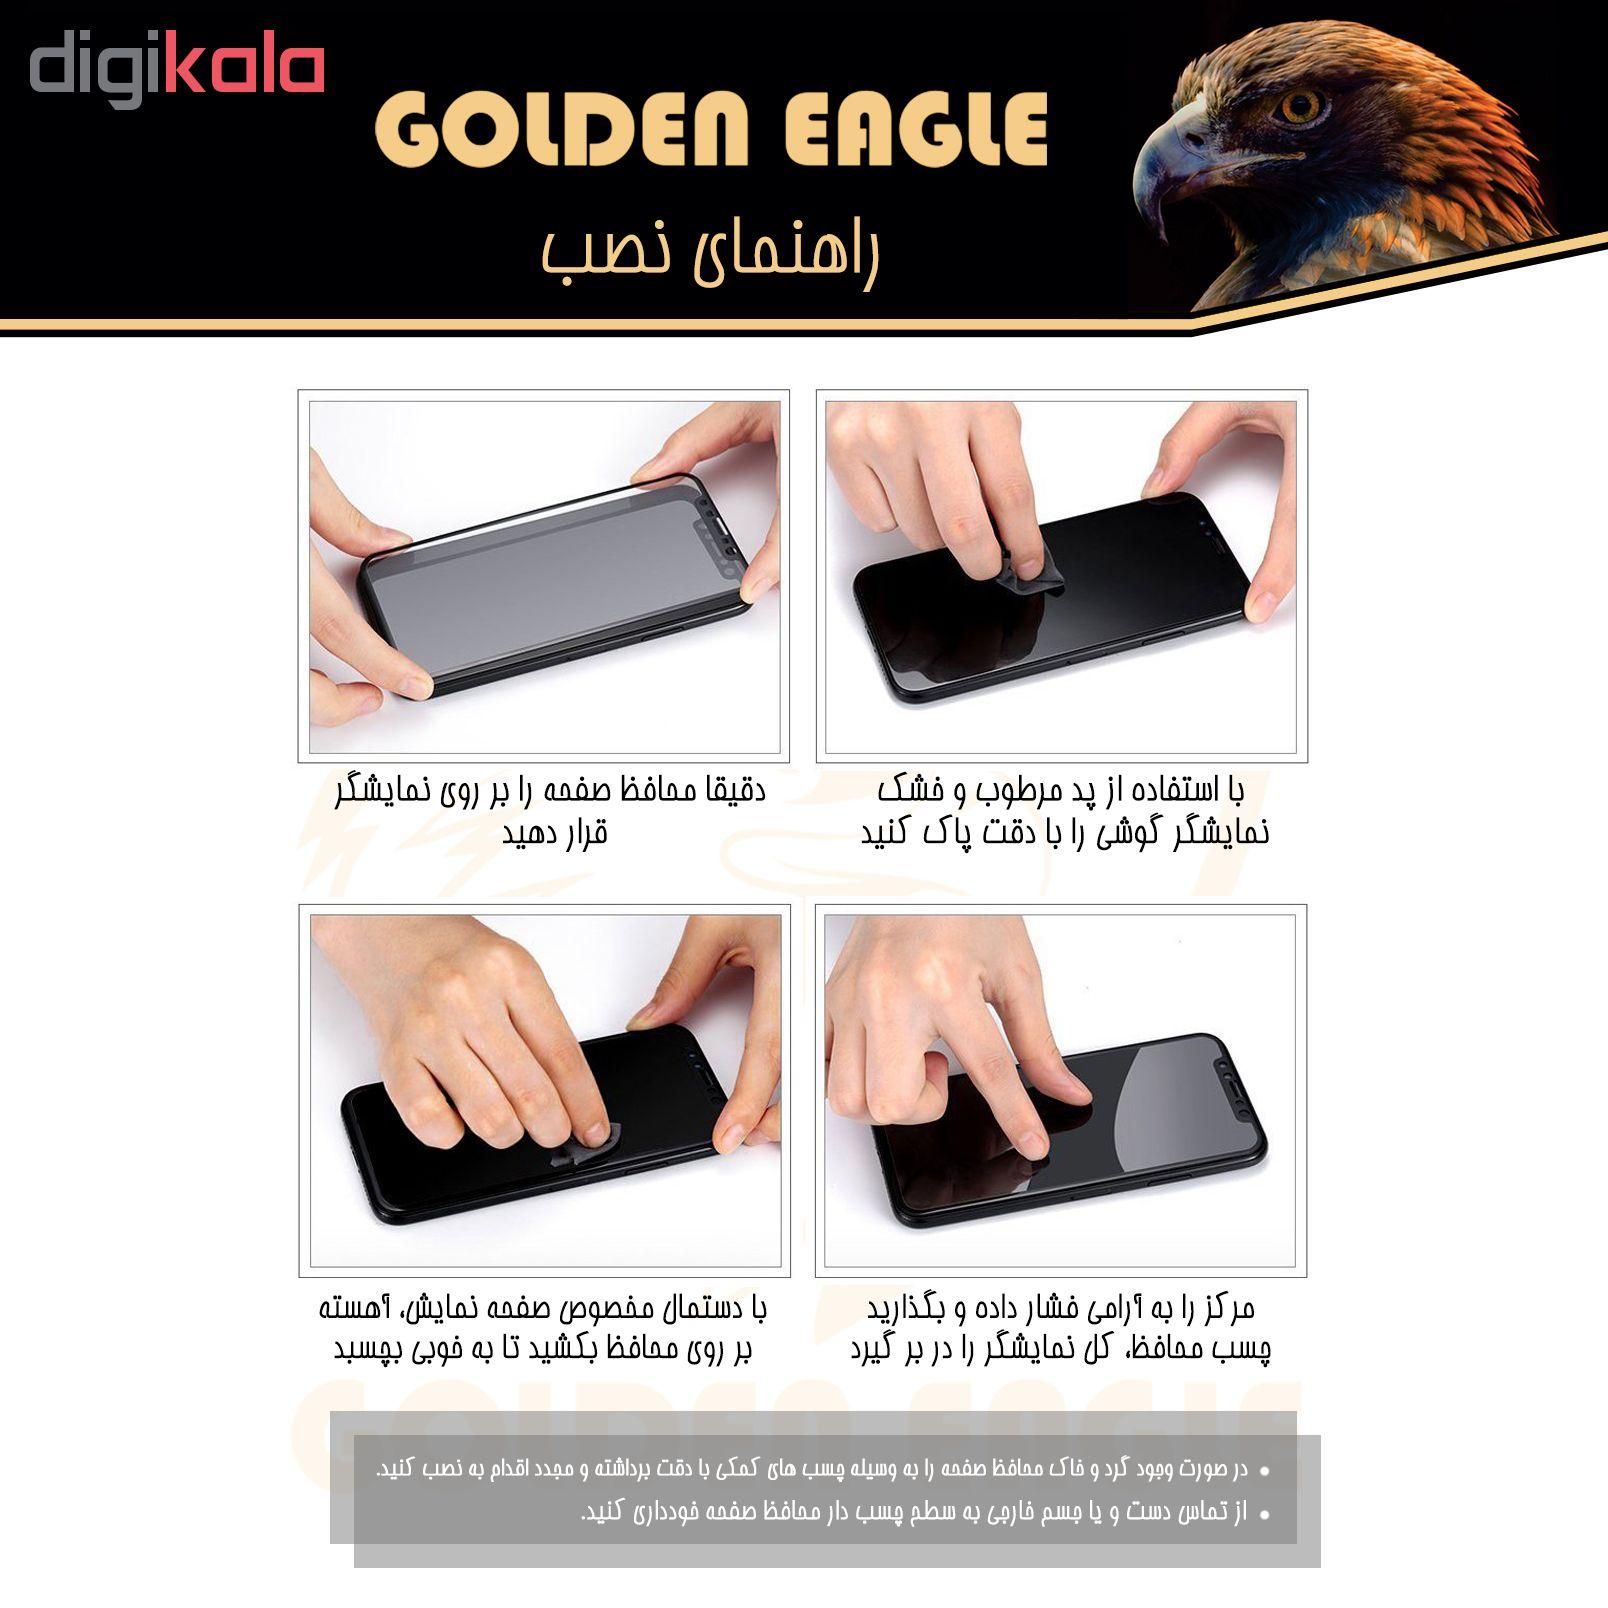 محافظ صفحه نمایش گلدن ایگل مدل GLC-X3 مناسب برای گوشی موبایل سامسونگ Galaxy A50 بسته سه عددی main 1 4